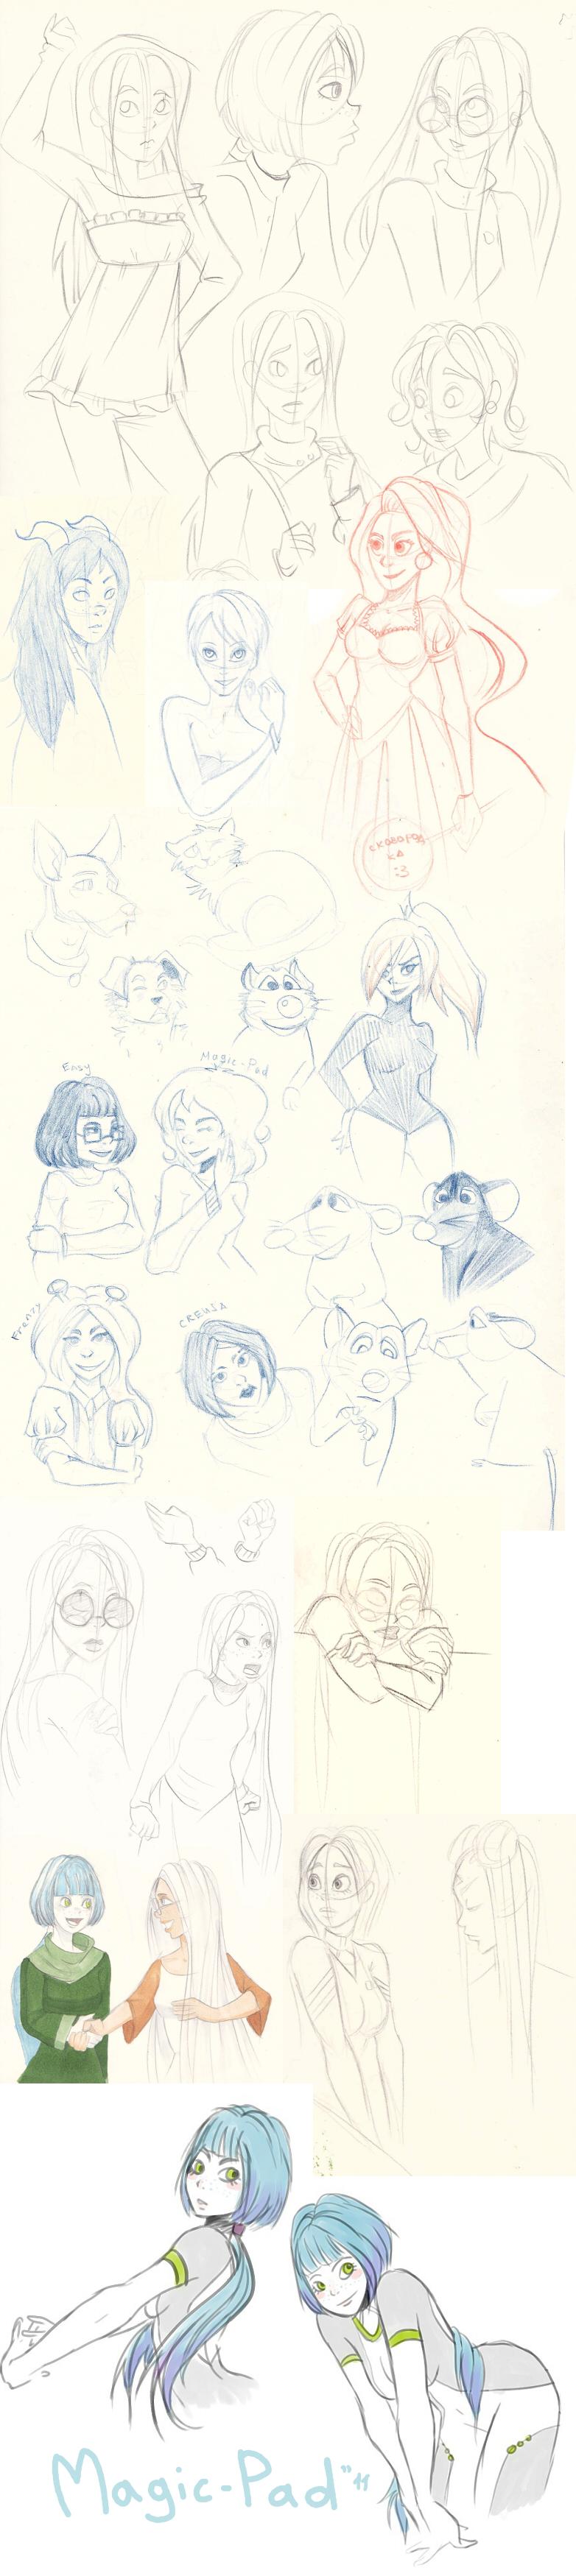 Magic-Pad sketchbook